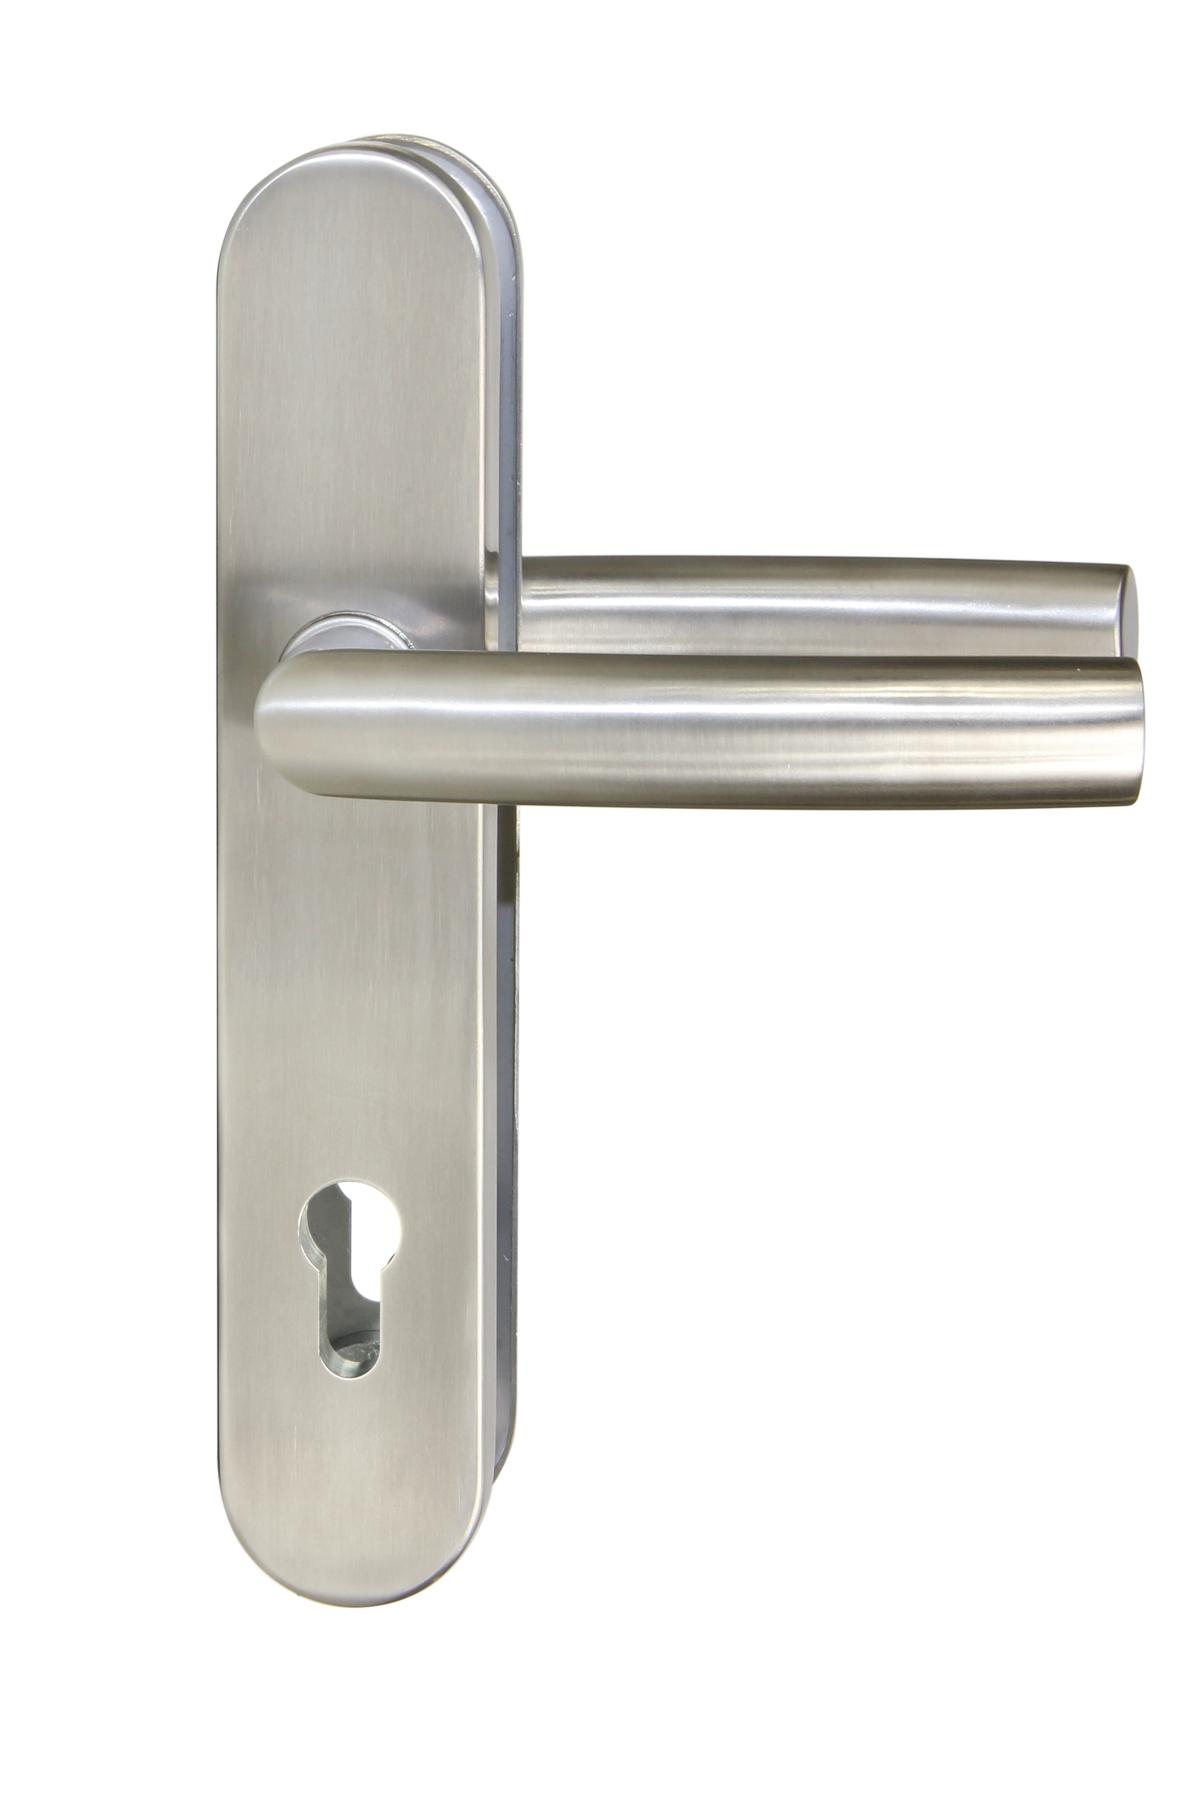 Bezpečnostní kování R.711.PZ bez překrytí nerez 72 mm - tl. dveř